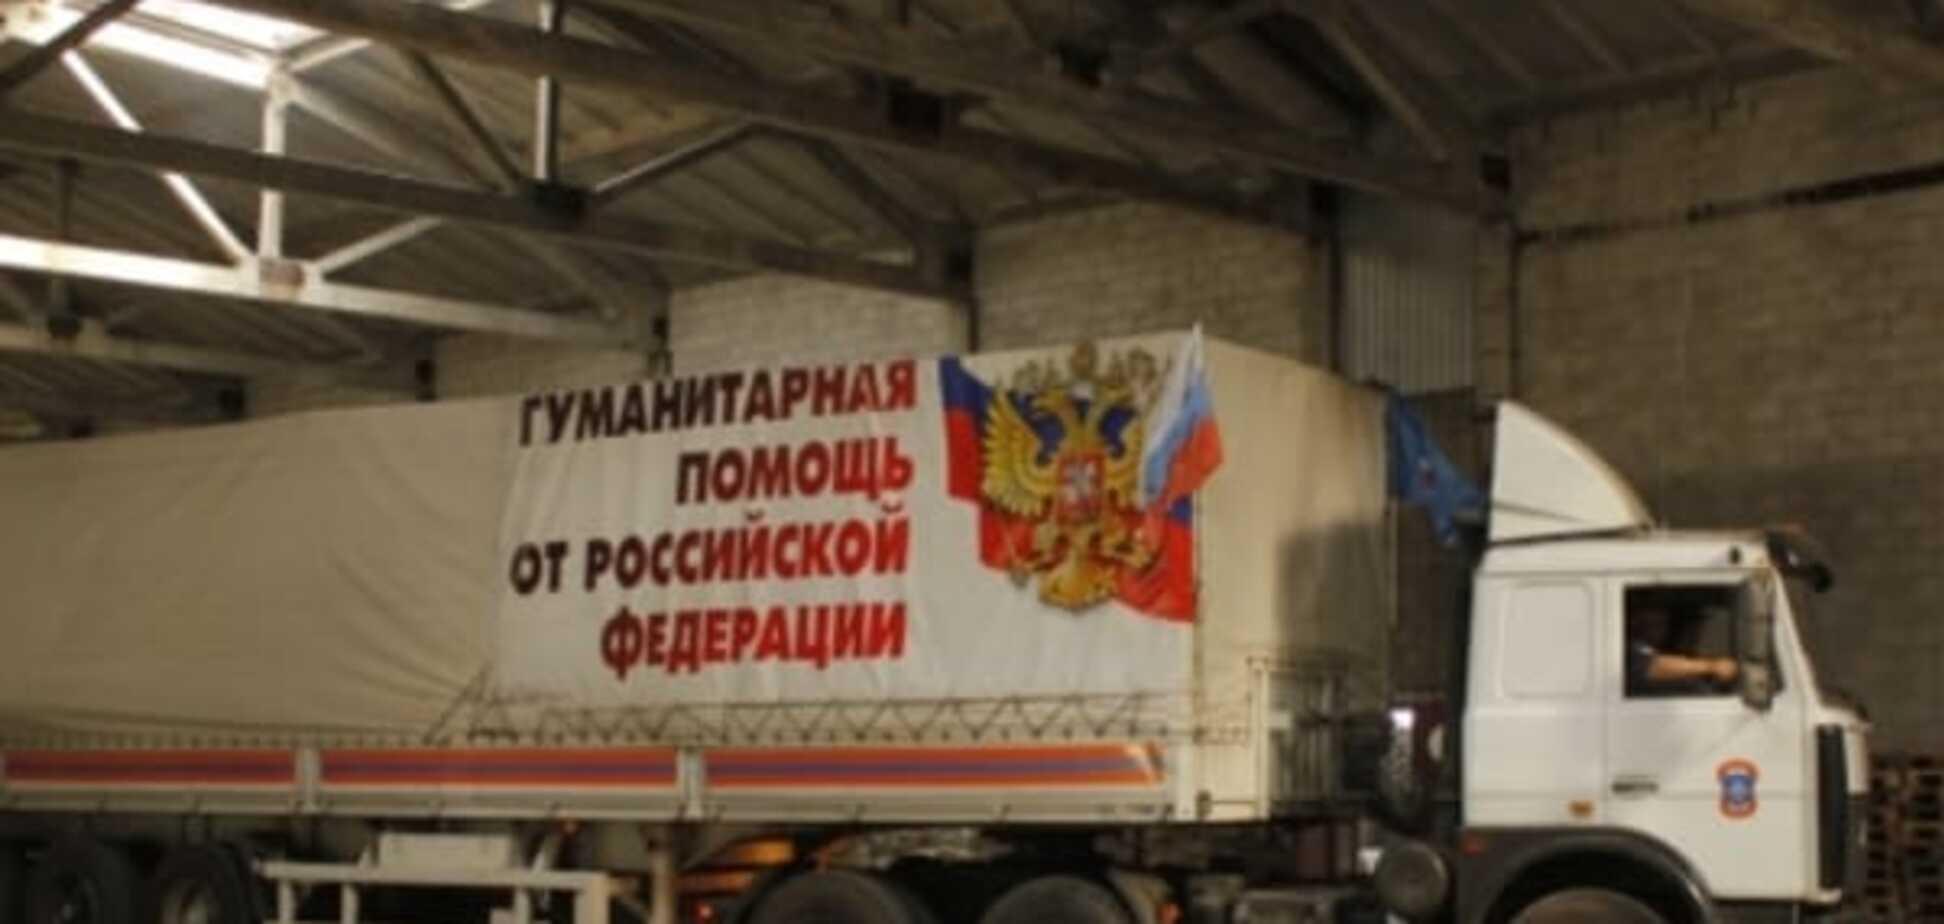 Кормильцы приехали: на Донбасс вторглись сотни фур 'гумконвоя' Путина